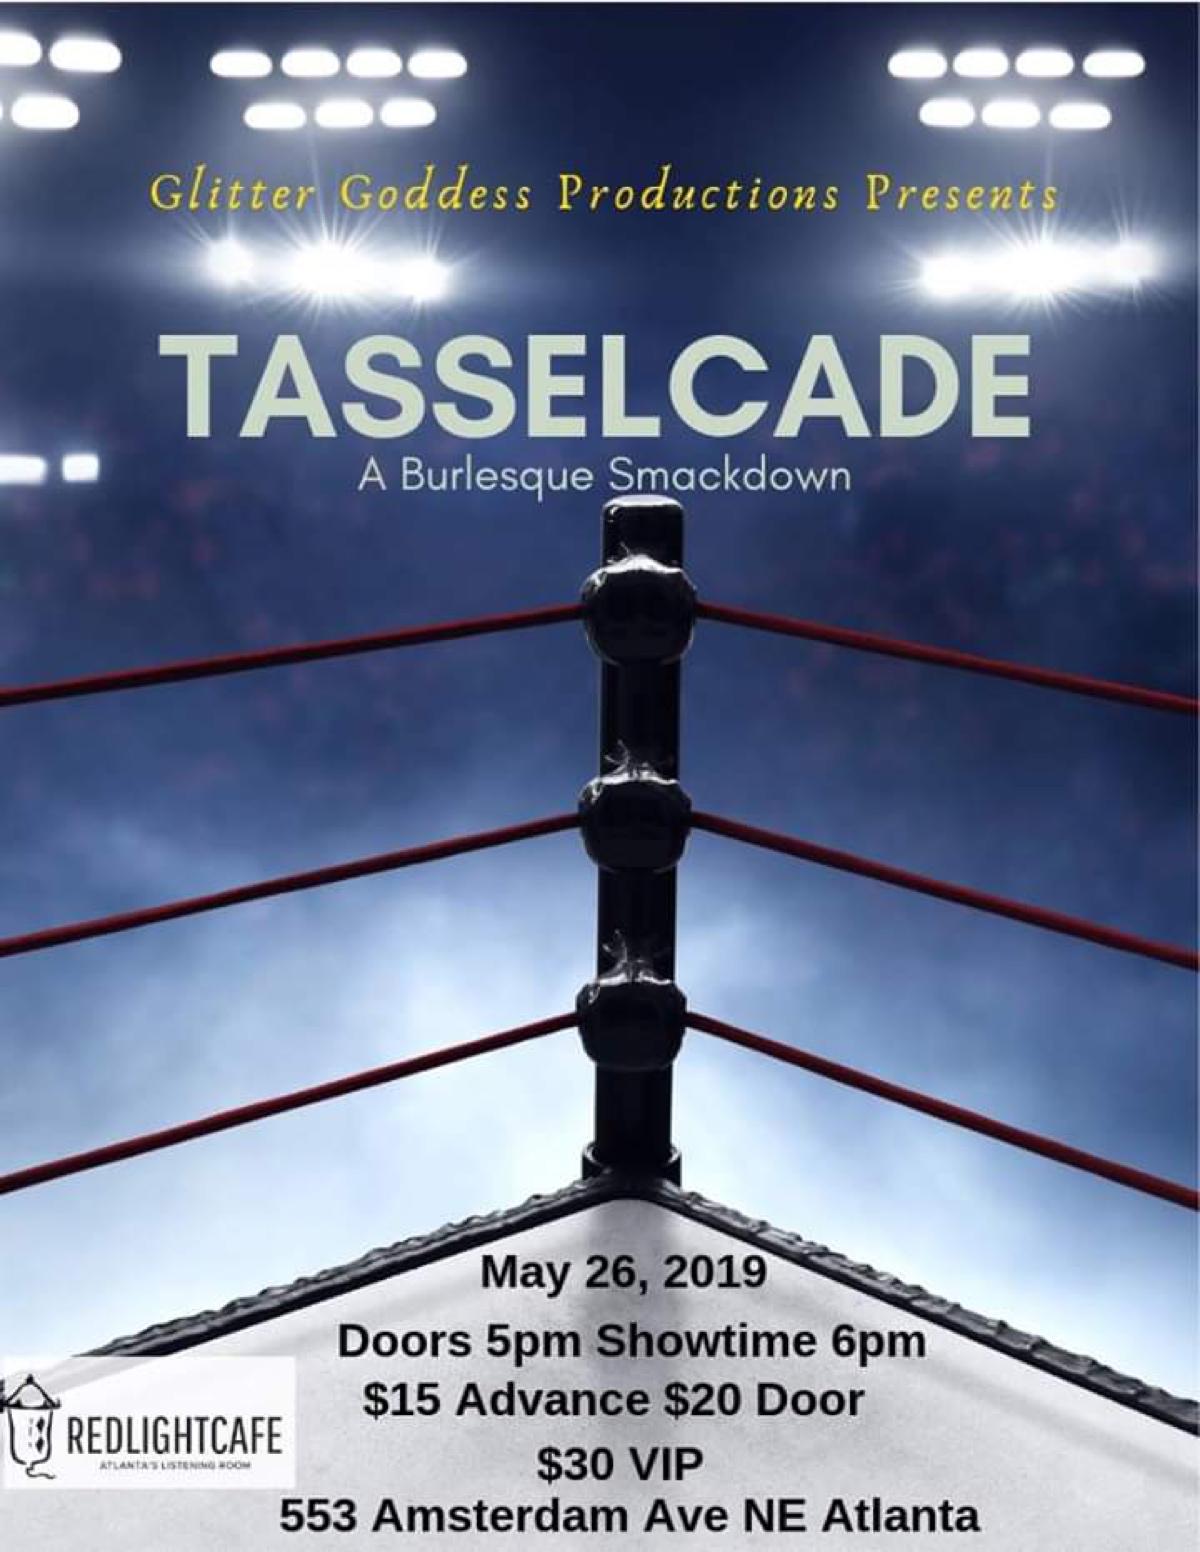 Tasselcade (A Burlesque Smackdown) — May 26, 2019 — Red Light Café, Atlanta, GA